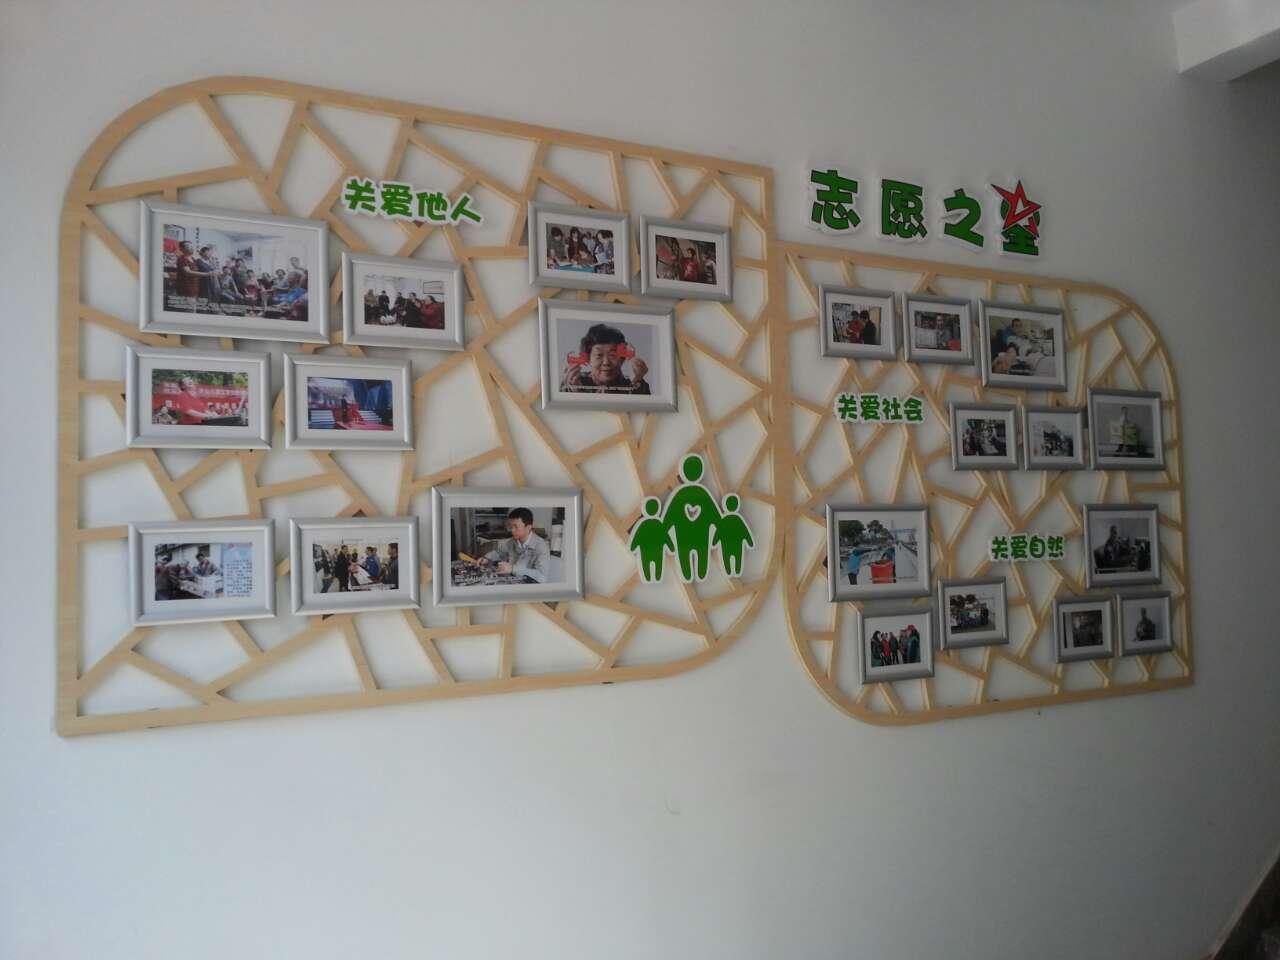 """设计师通过闵行文字展示了闵行区志愿服务工作组织分布,以中地图""""心""""木现代整图计设图片"""